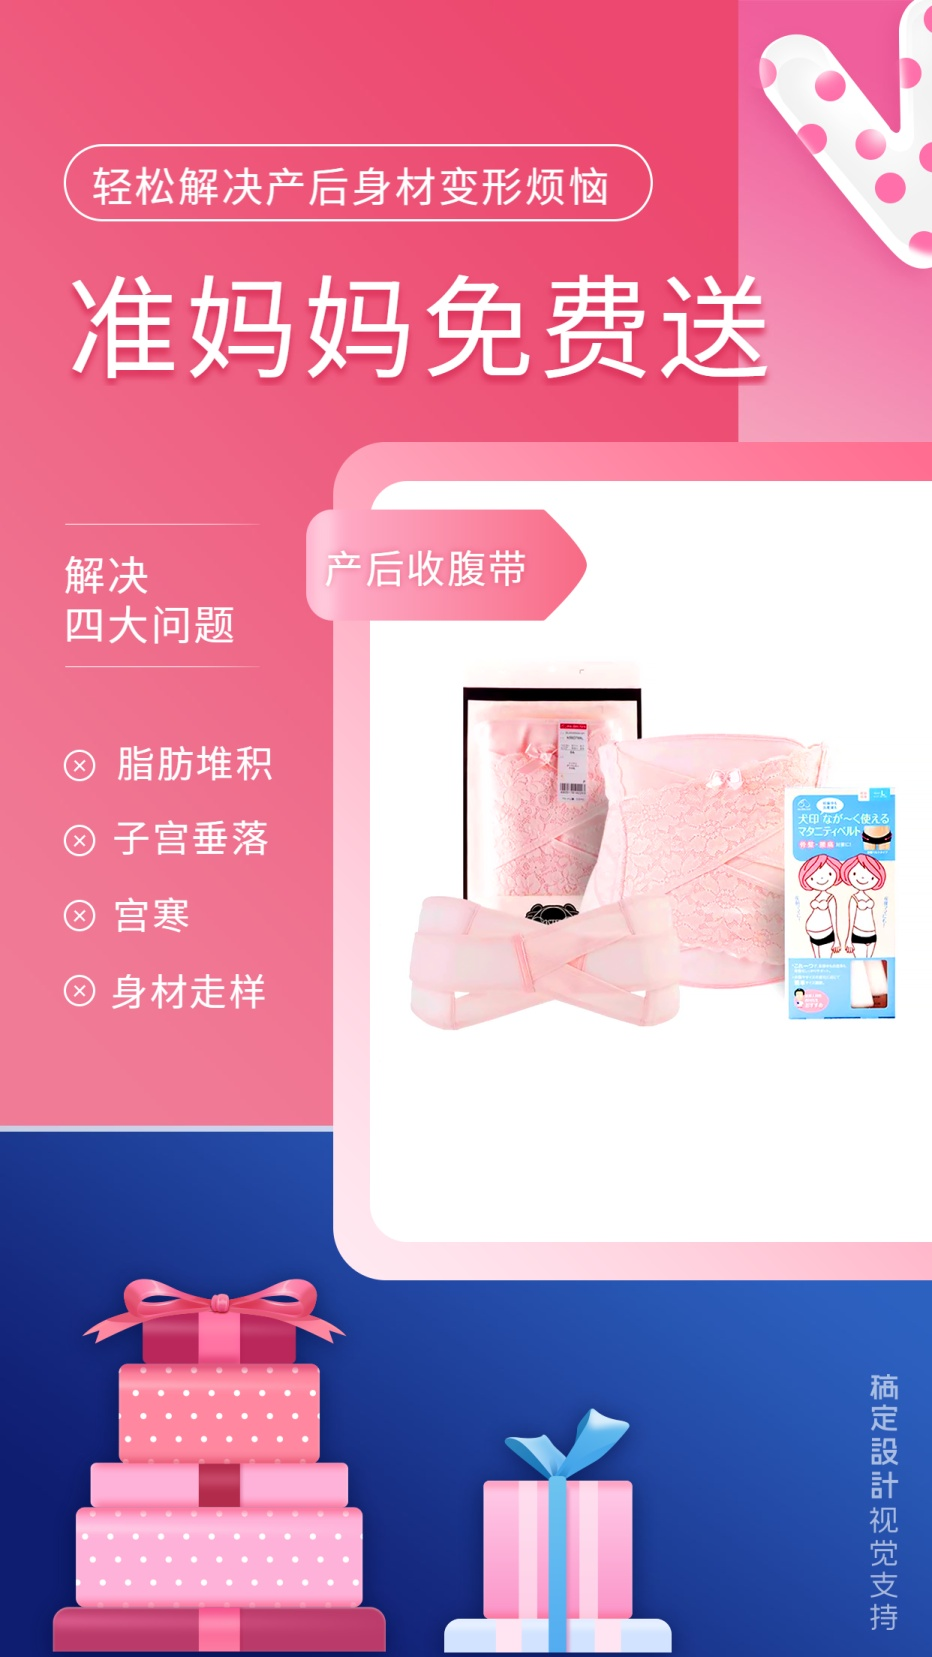 母婴用品免费送活动海报